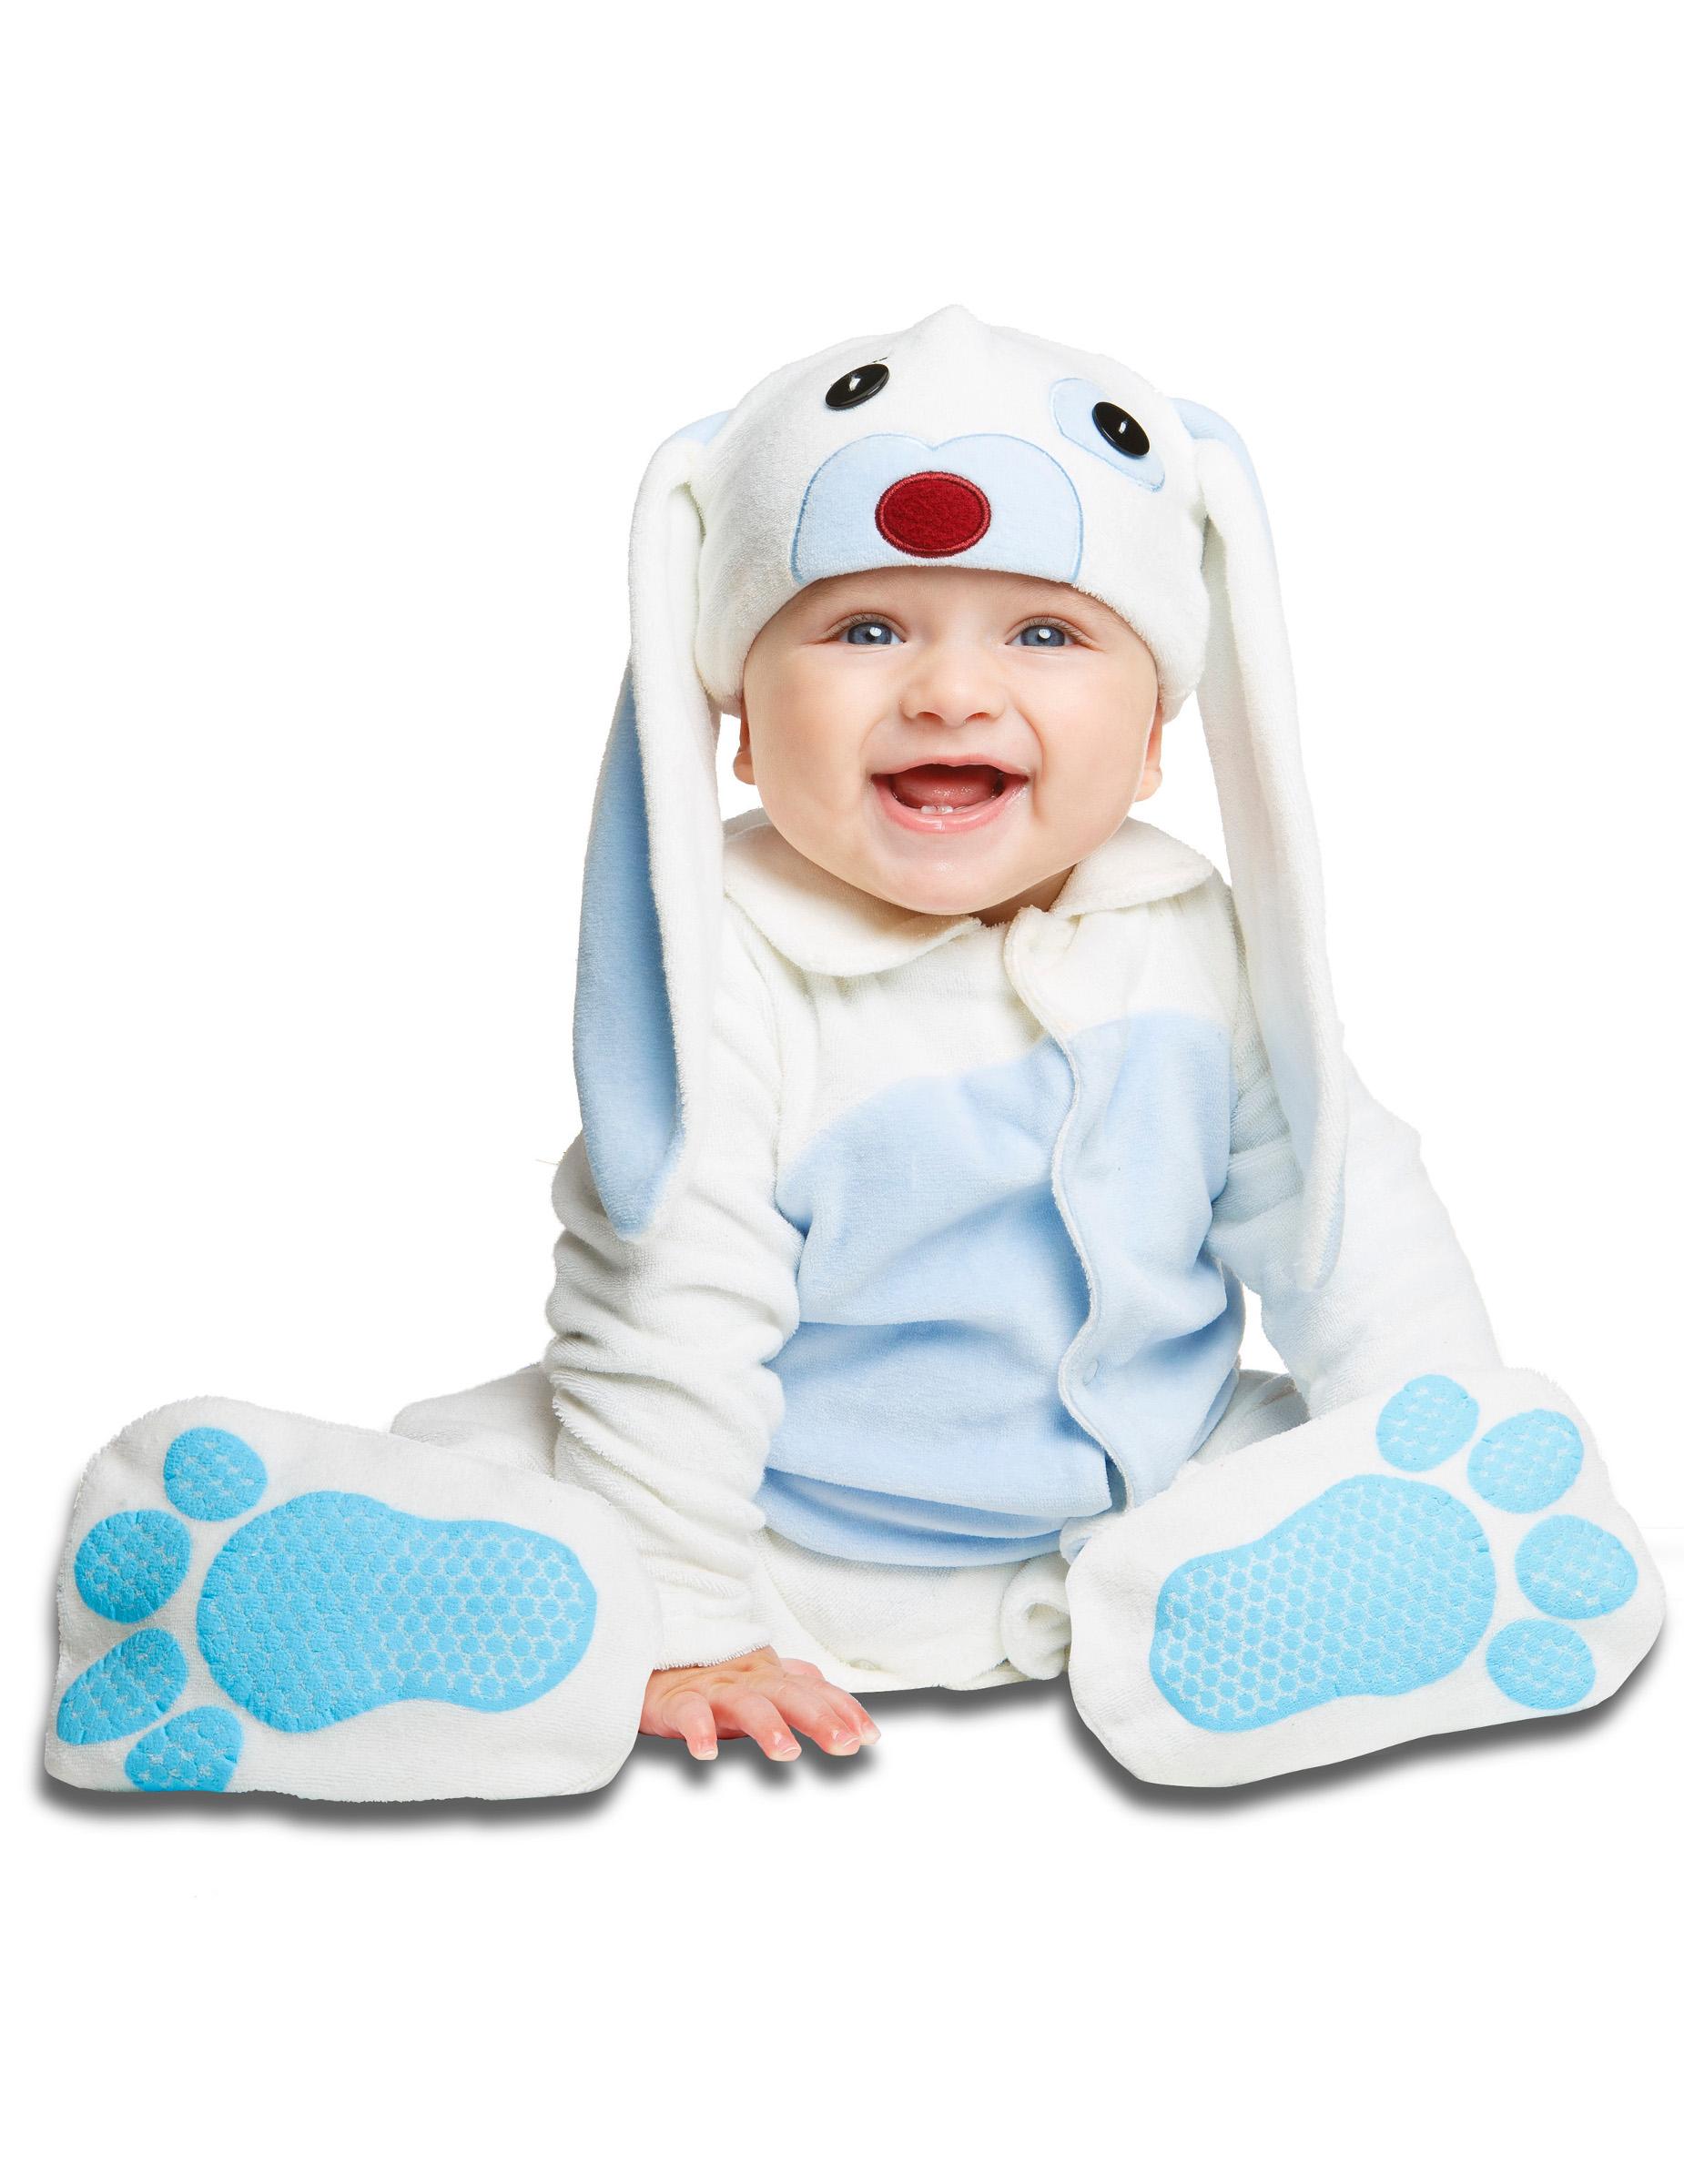 d guisement petit lapin bleu avec sucette luxe b b deguise toi achat de d guisements enfants. Black Bedroom Furniture Sets. Home Design Ideas